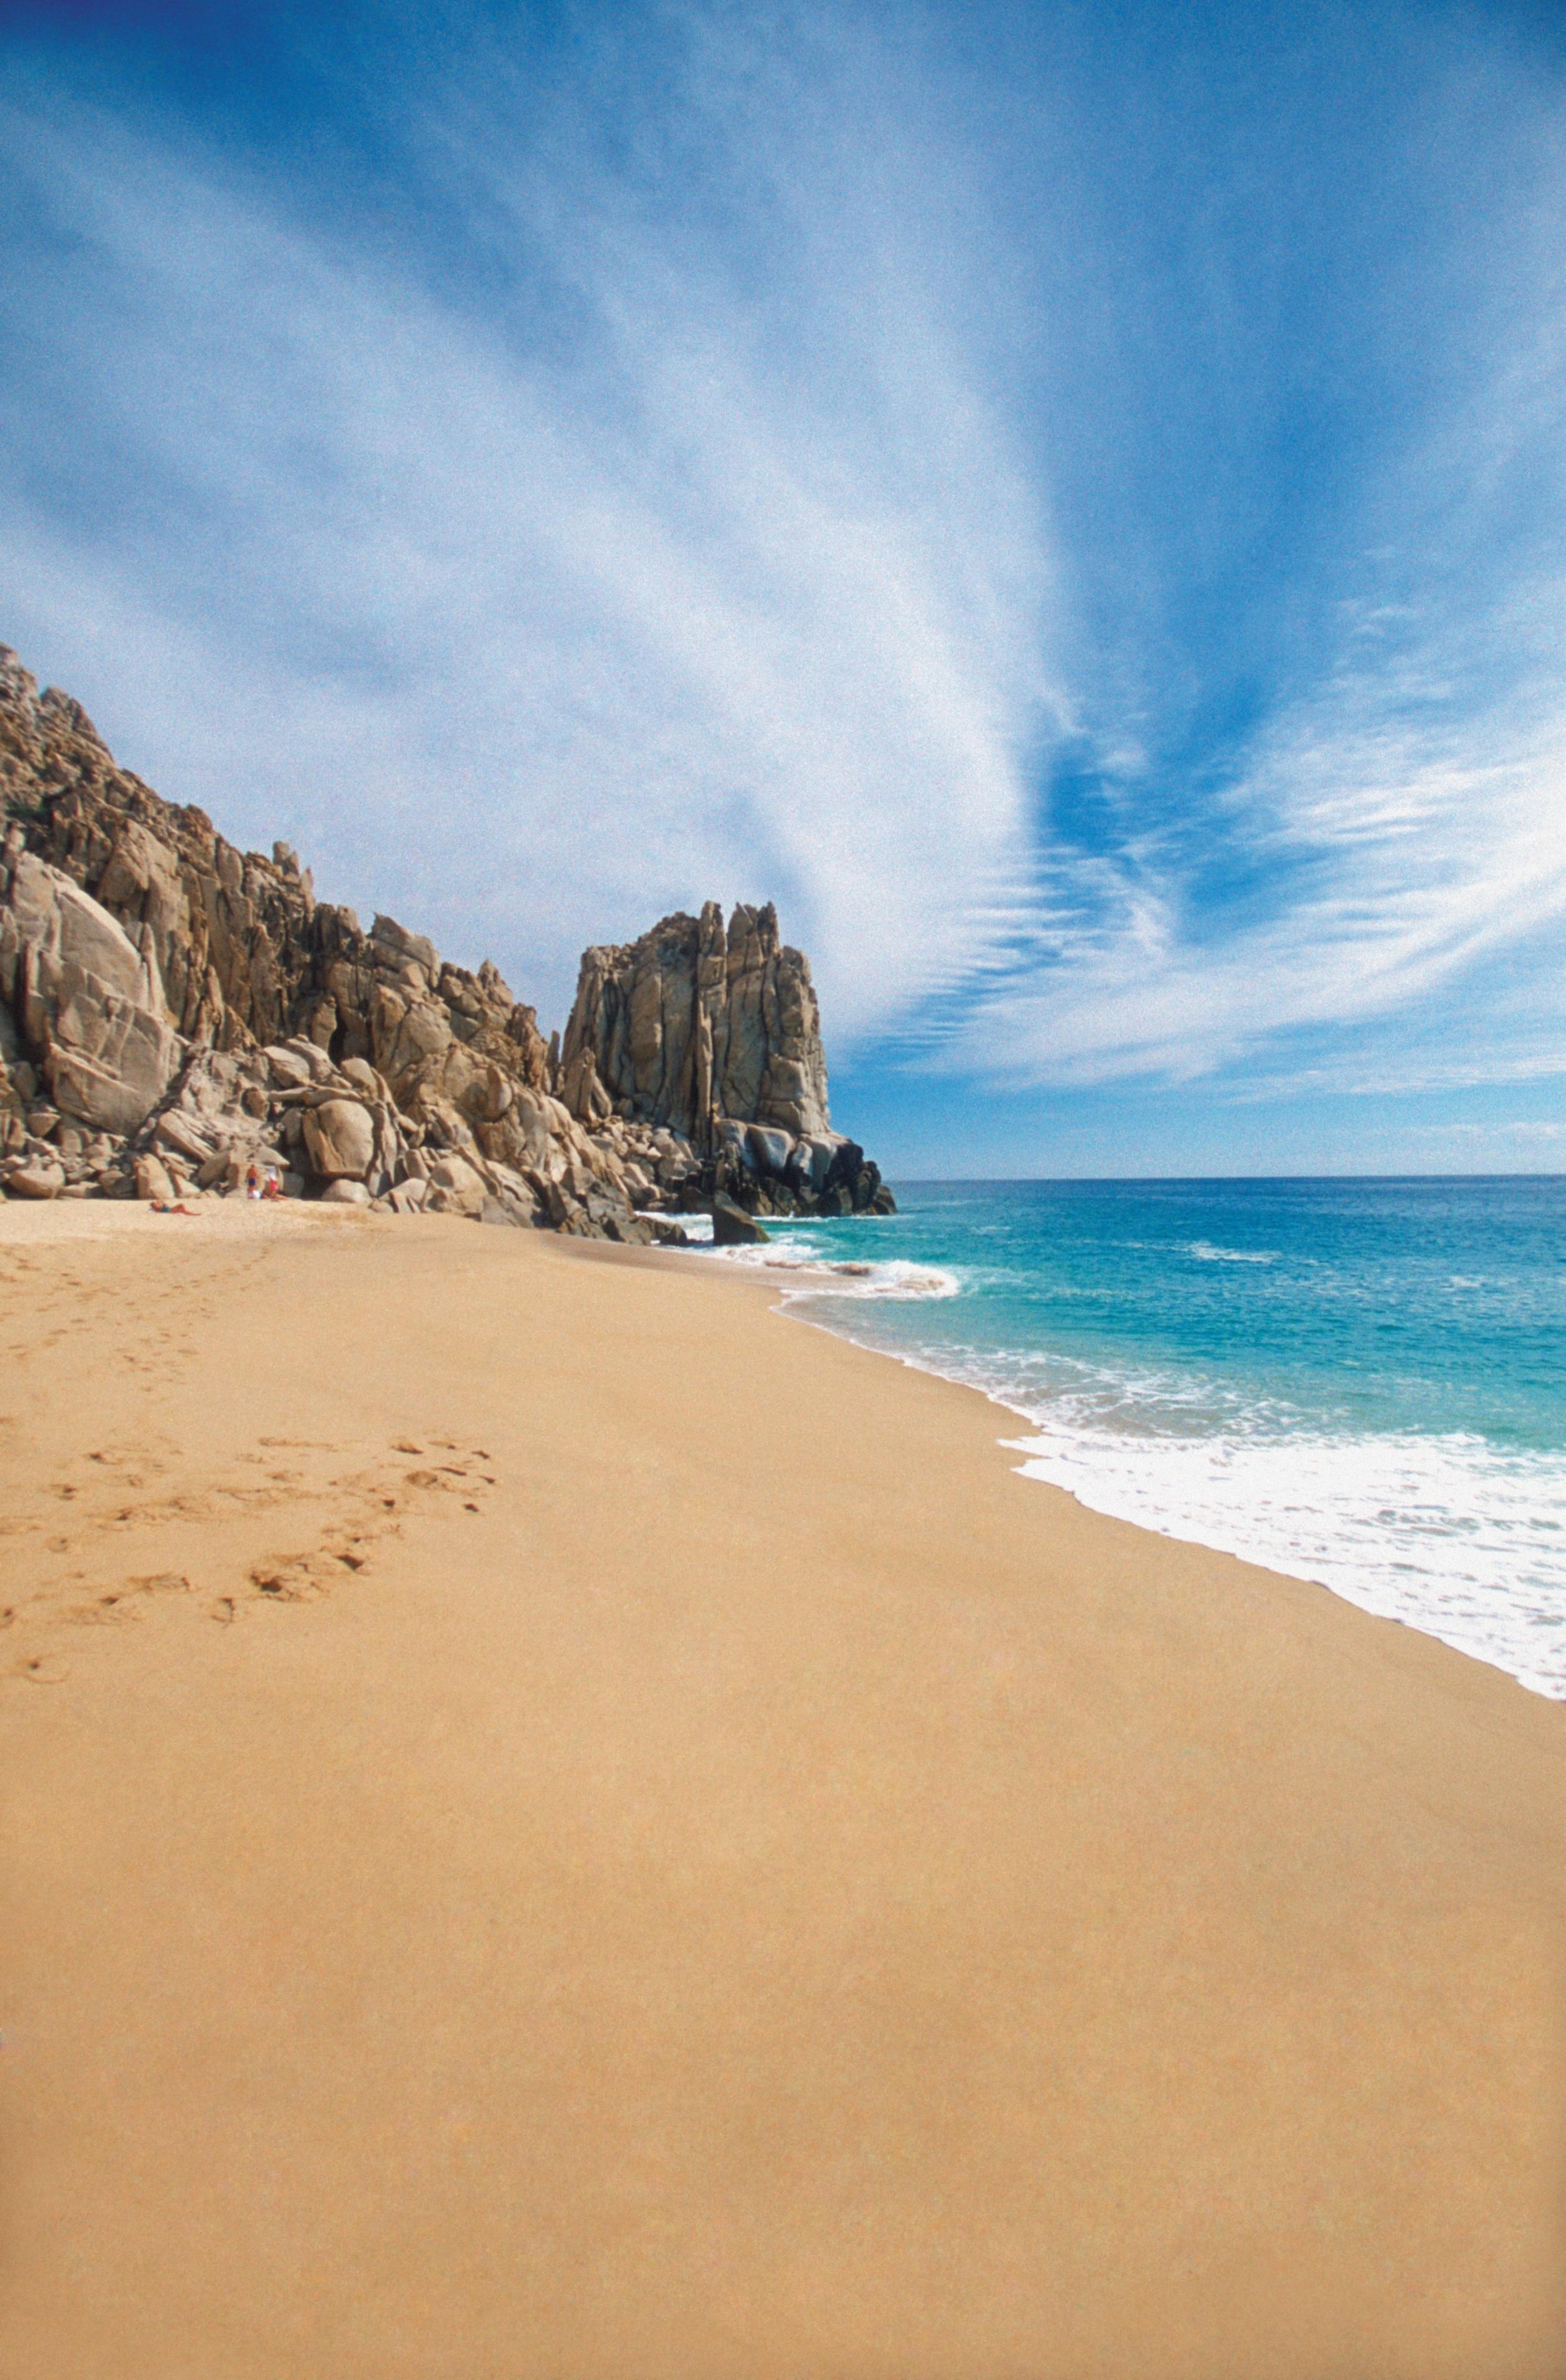 Solmar Beach, Los Cabos, Baja California Sur/Süden der Baja California, Mexiko